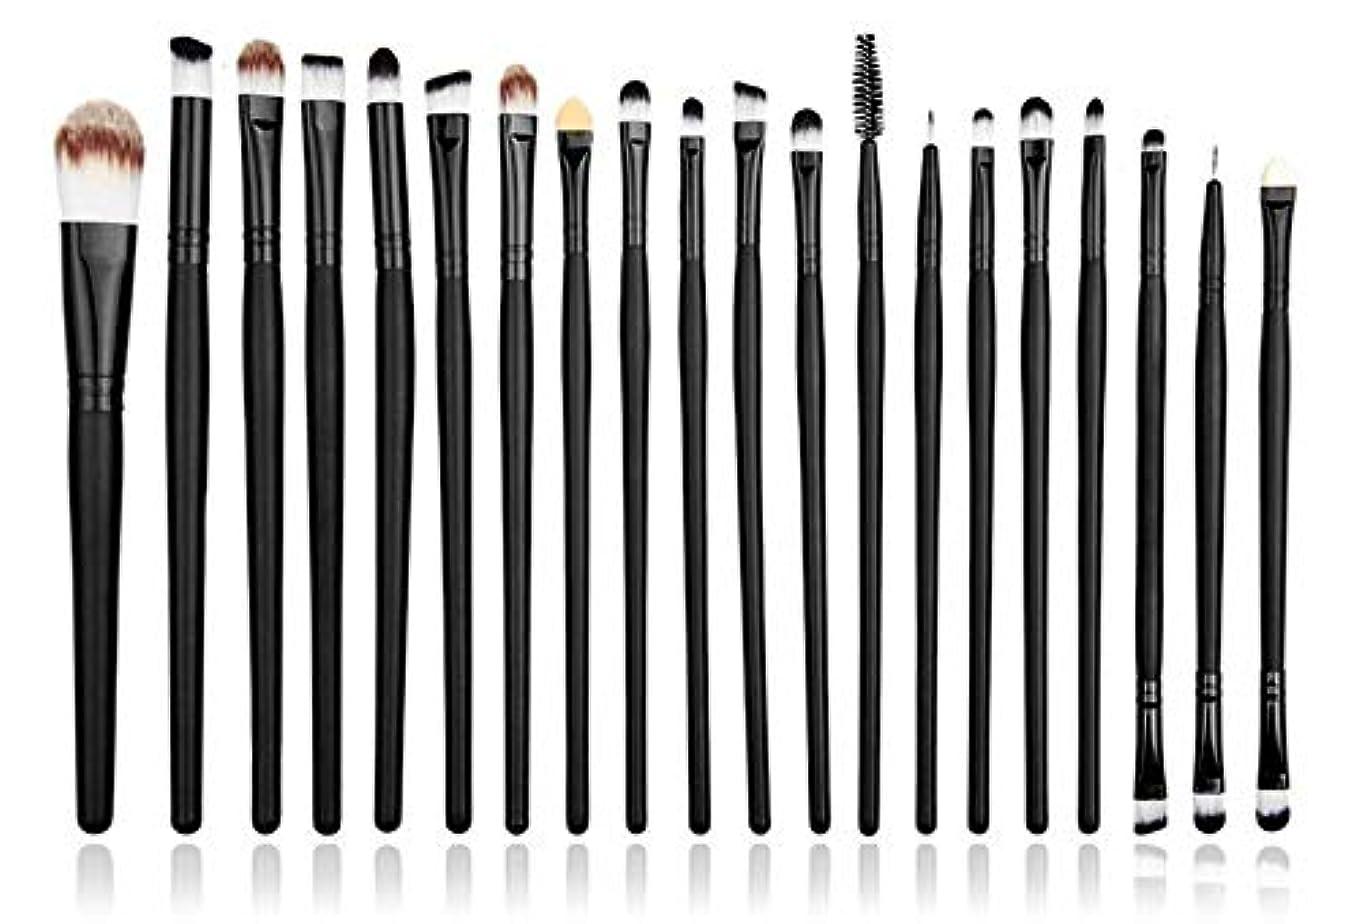 おしゃれじゃない近々追跡アイメイクブラシセット(20pcs)メイクブラシ 化粧筆 黒